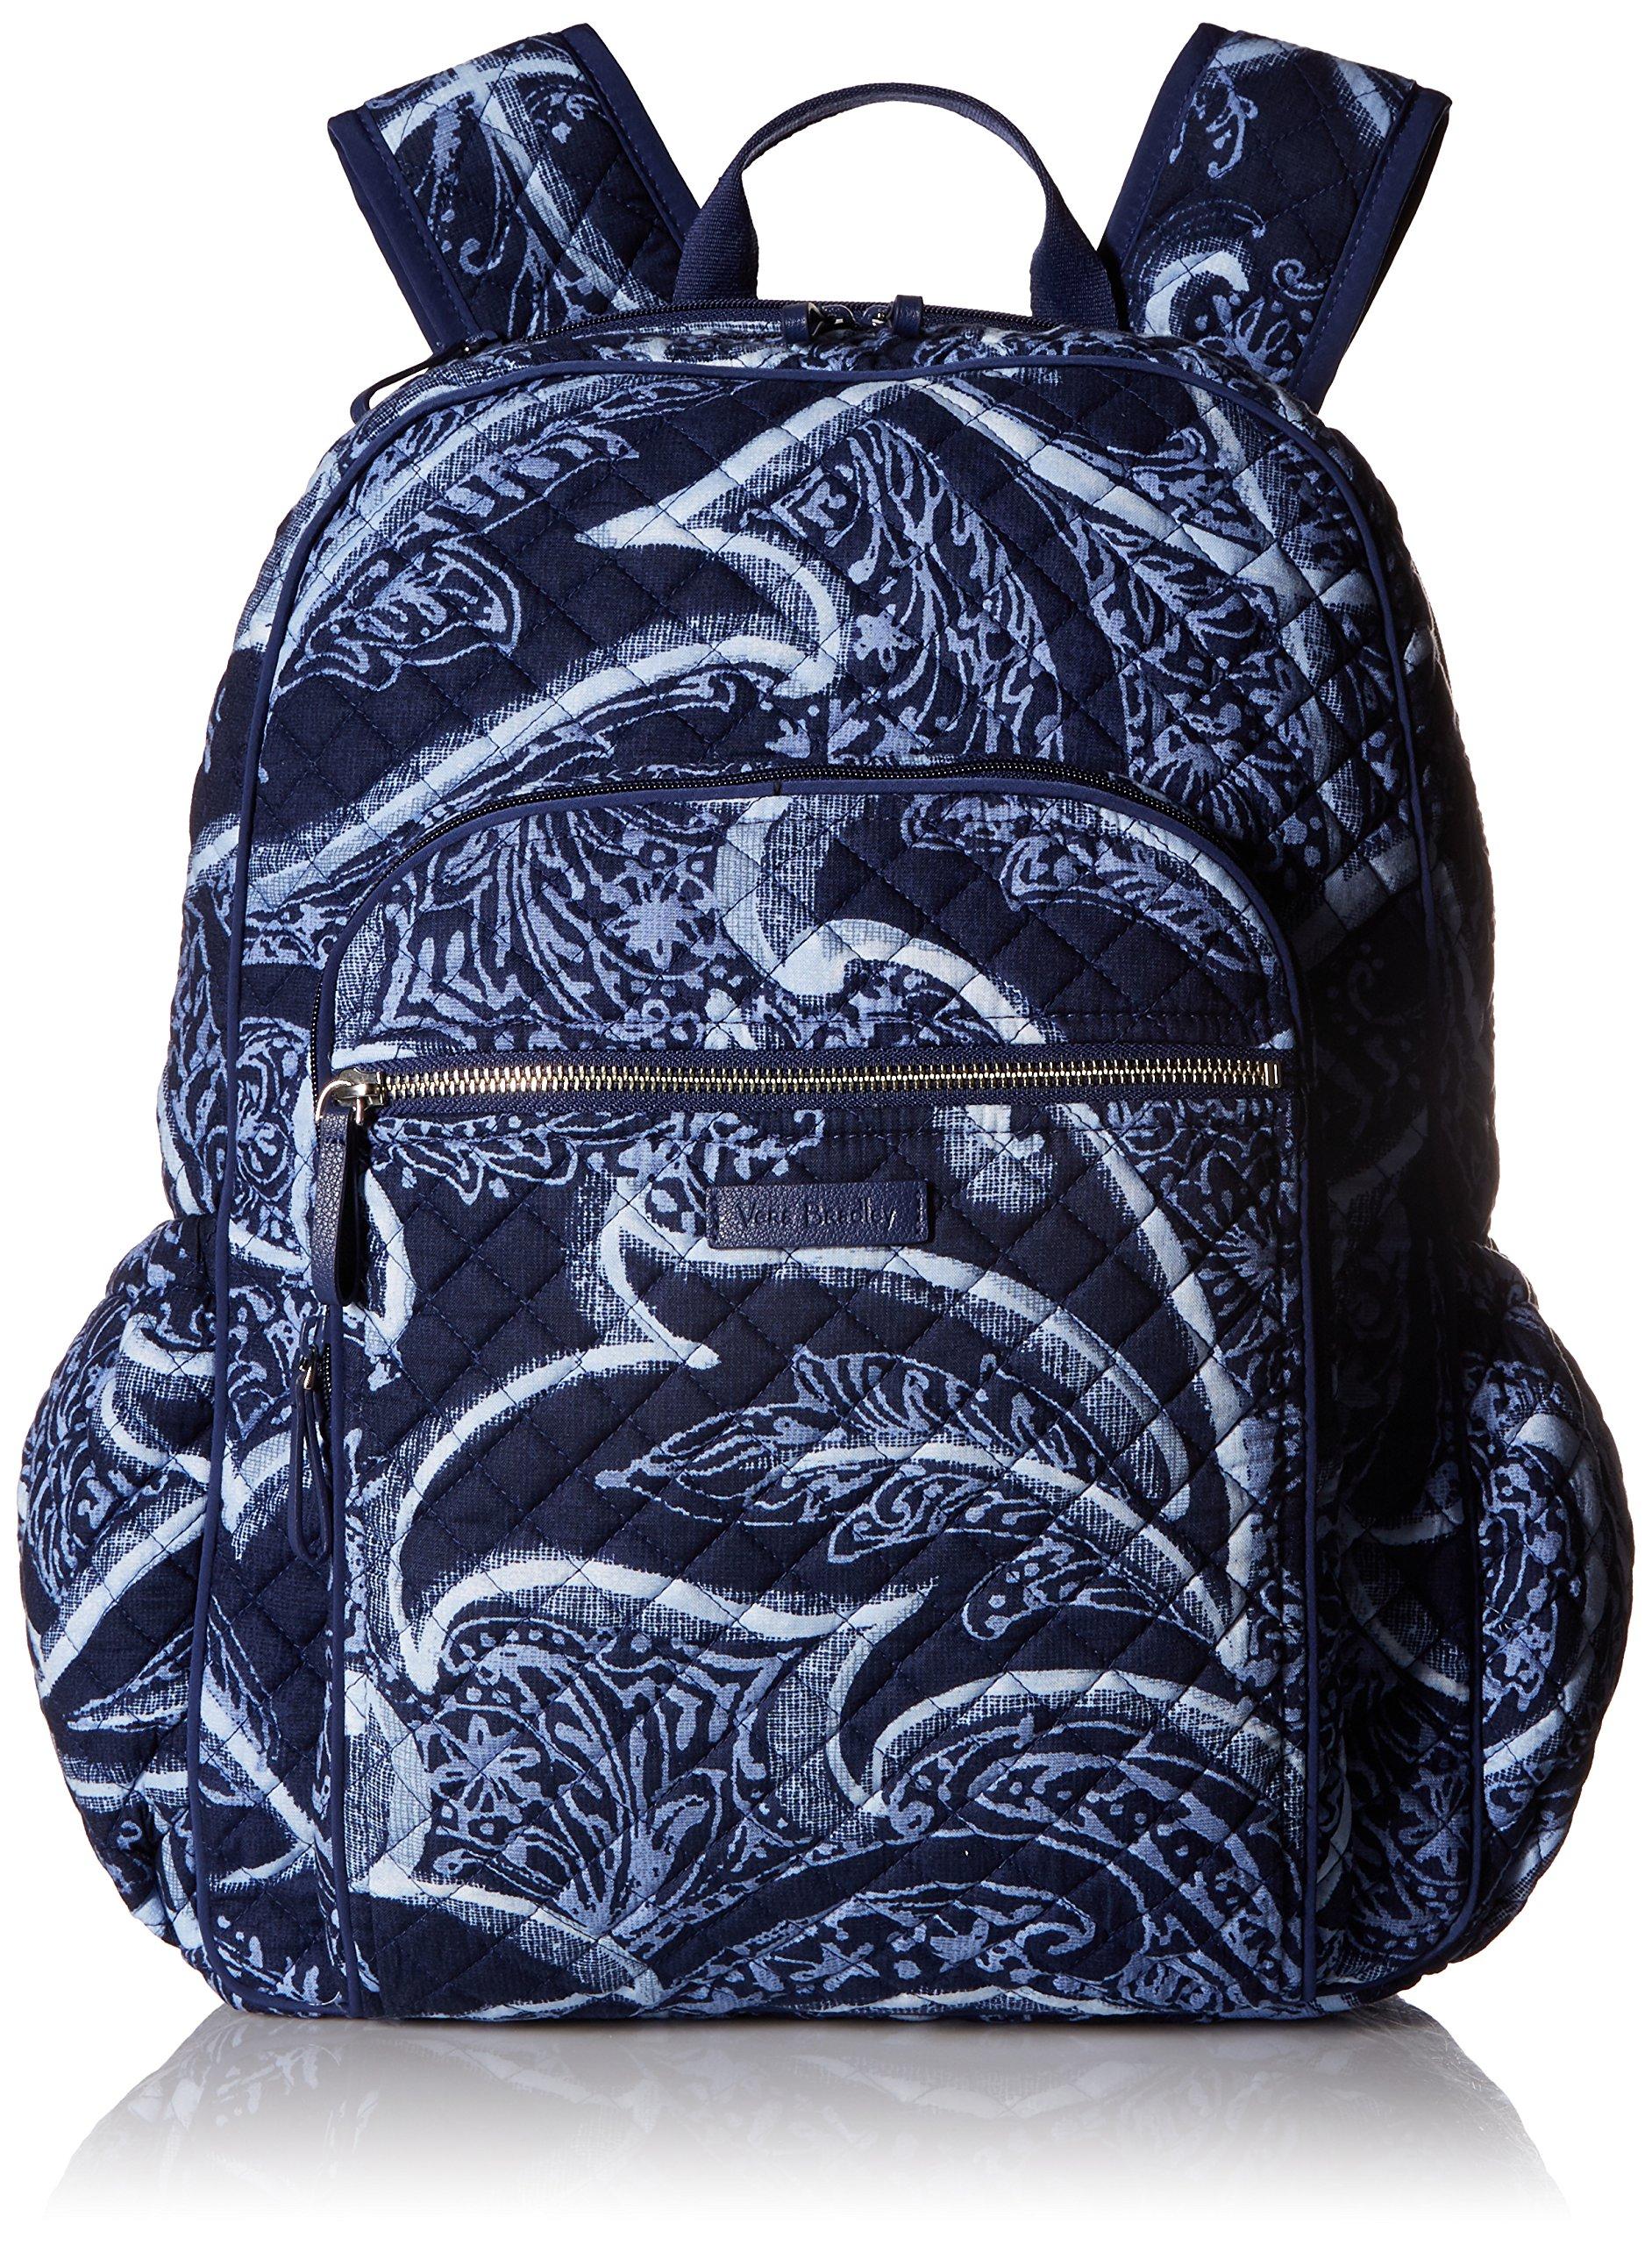 Vera Bradley Iconic Campus Backpack, Signature Cotton, Indio